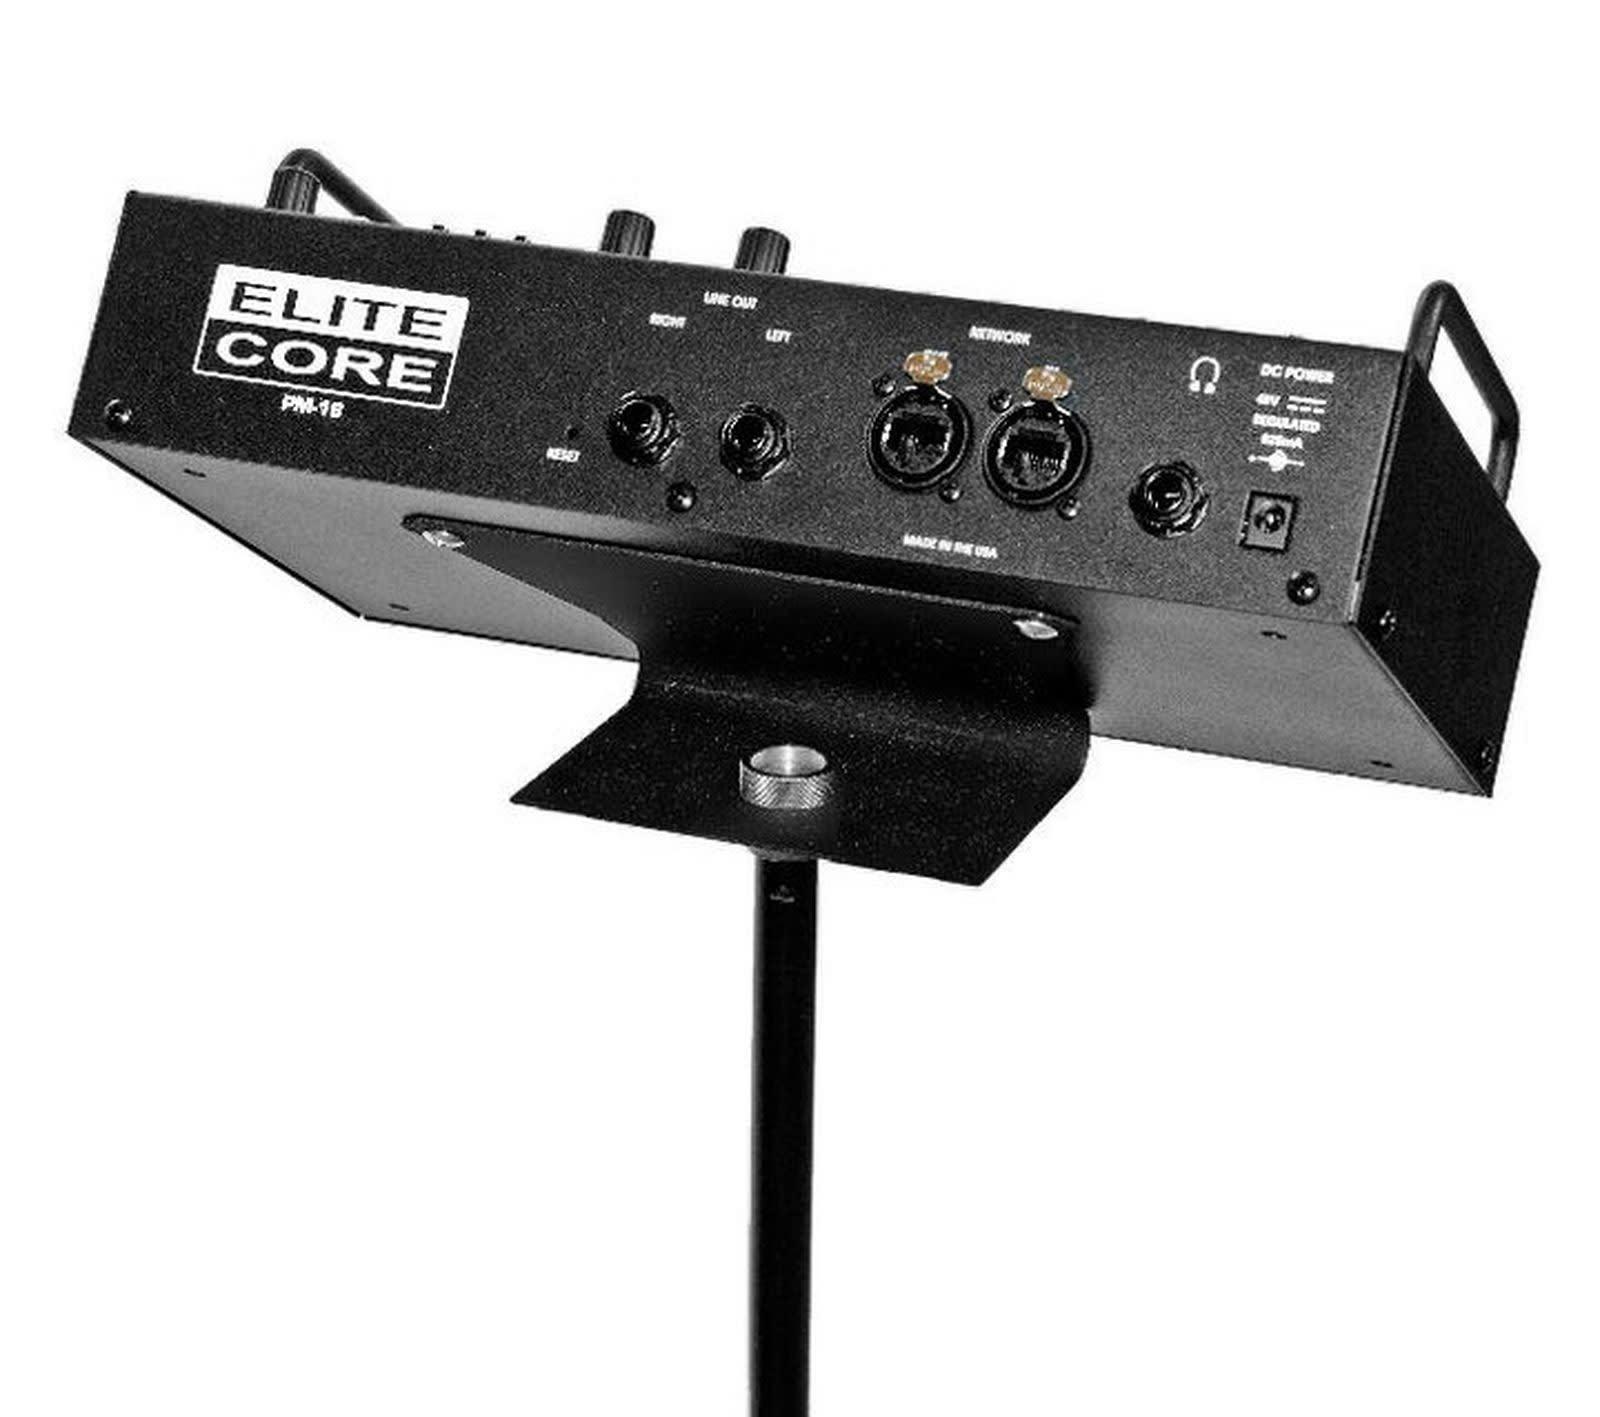 B-STOCK Elite Core PM-16 16 Channel Personal Monitor Mixer